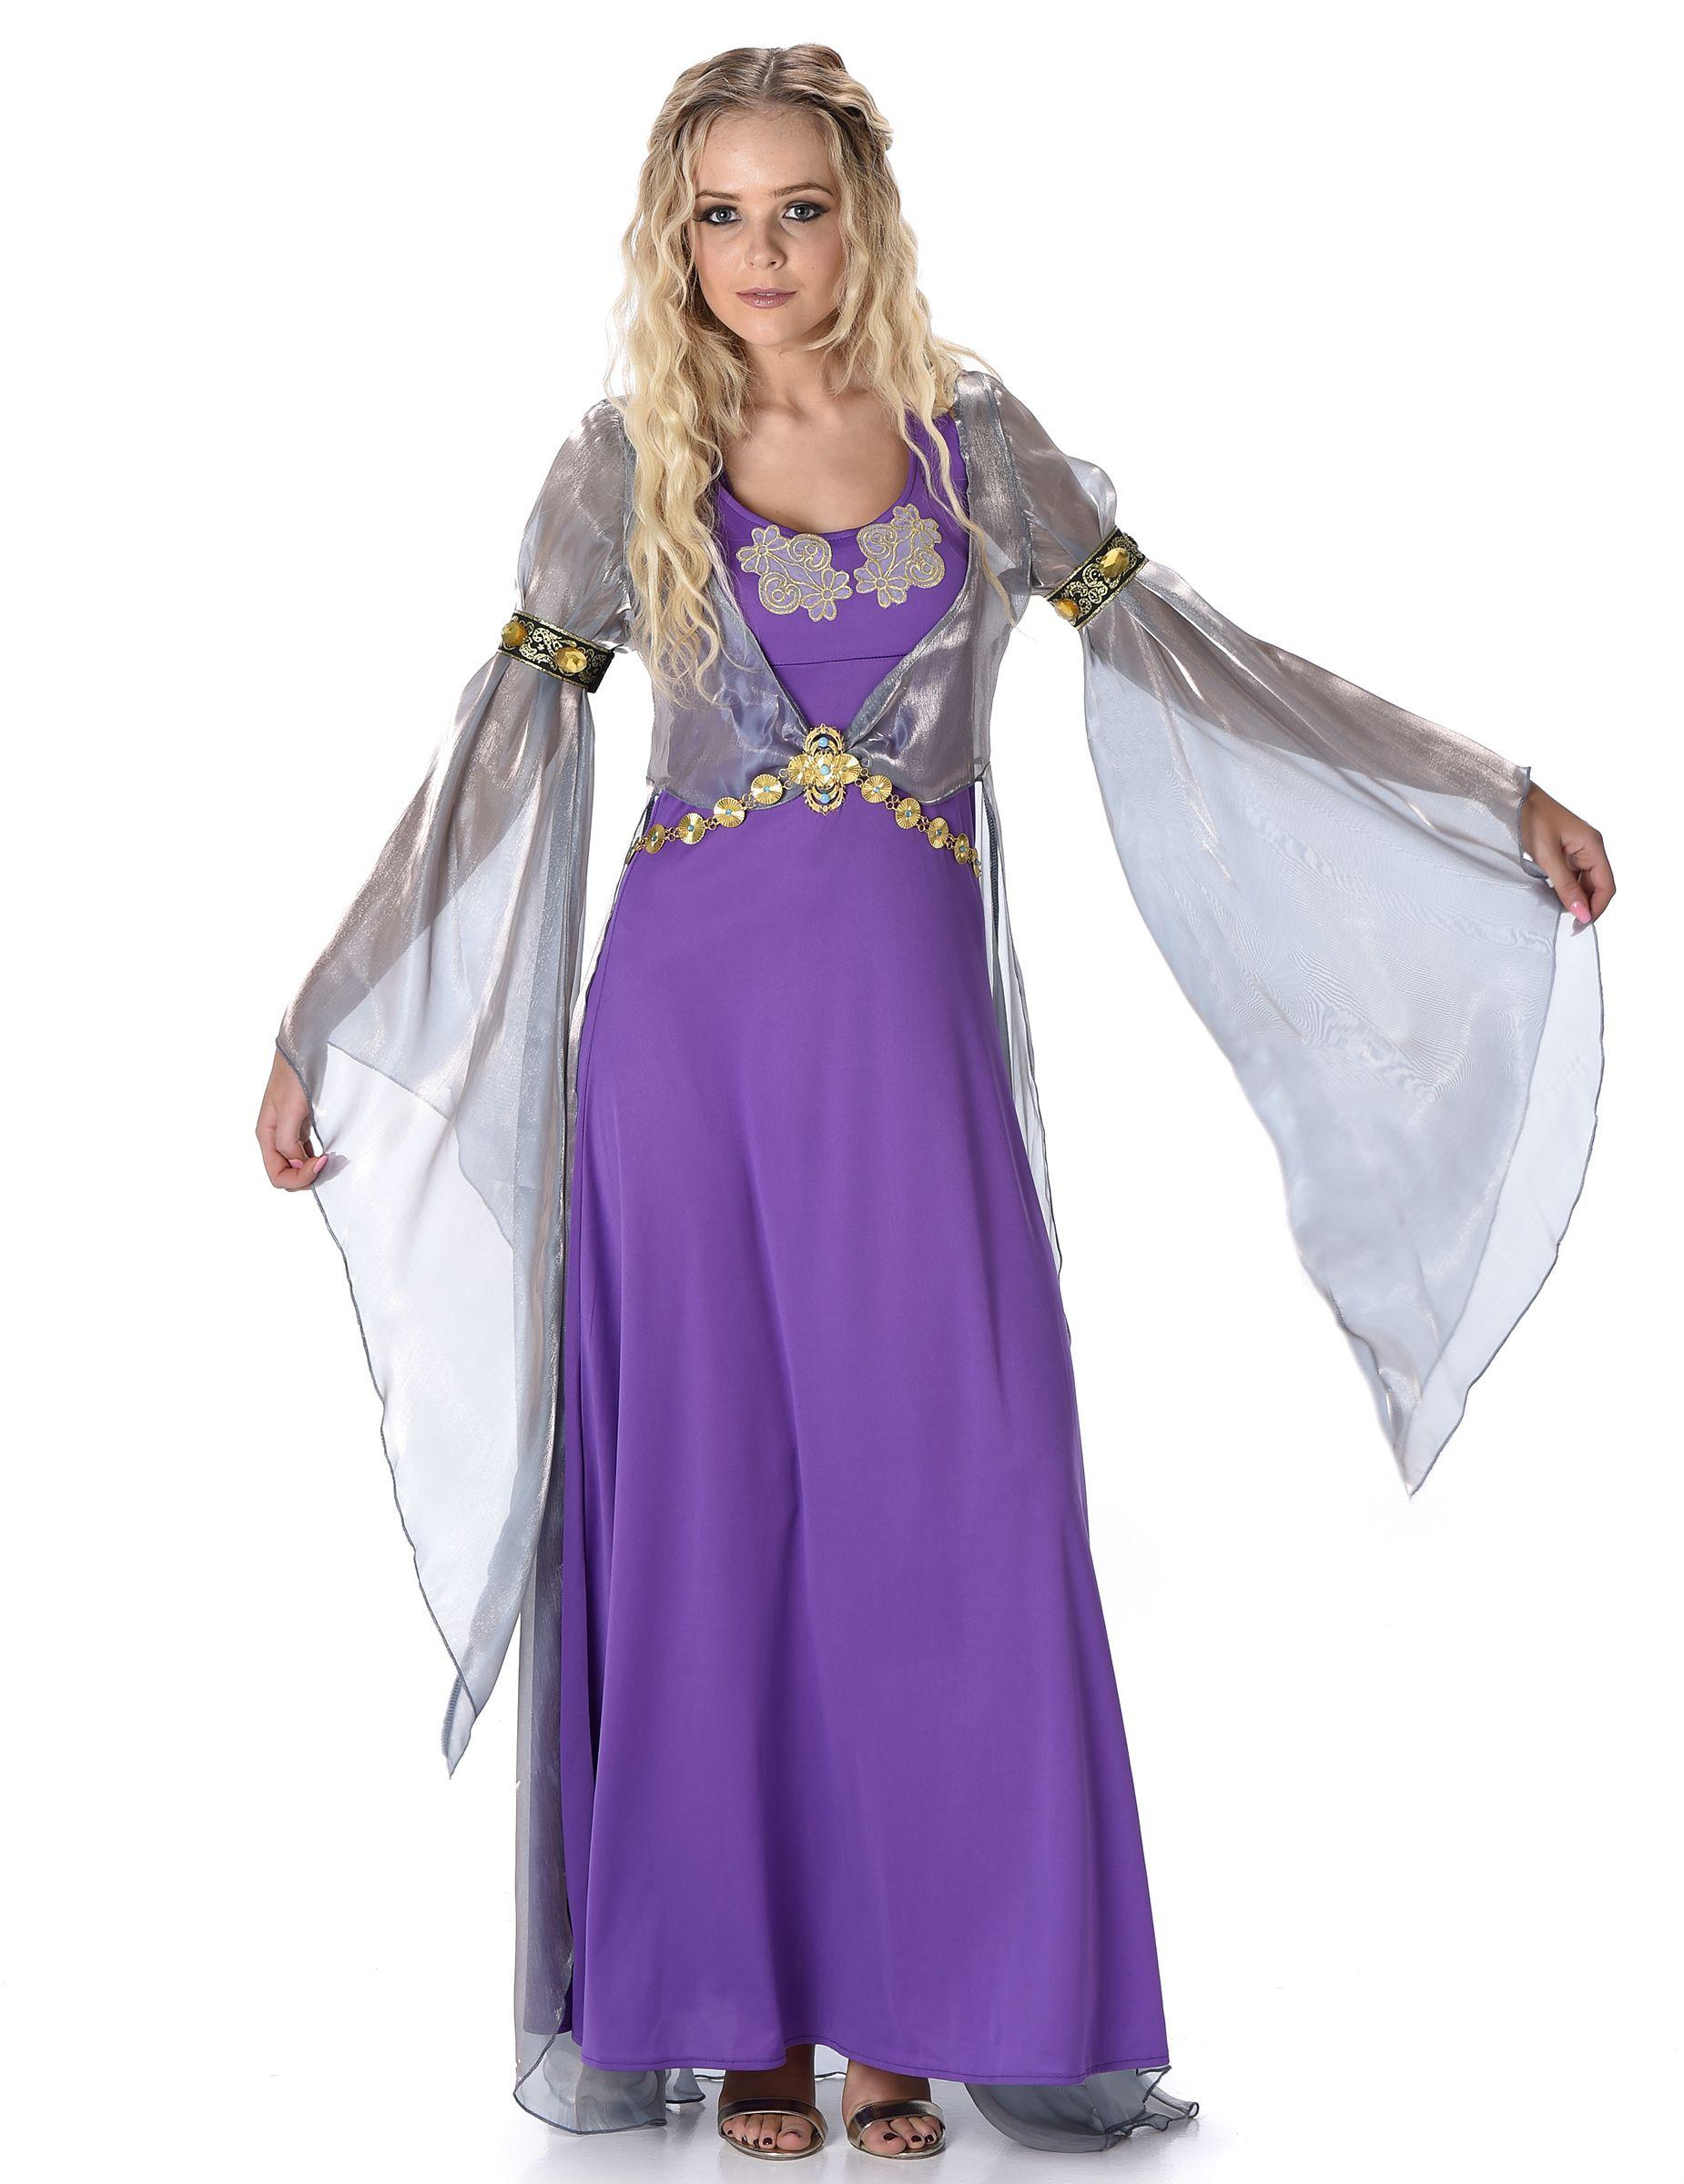 fa032b9e2ca Déguisement princesse médiévale femme   Ce déguisement est composé d une  robe